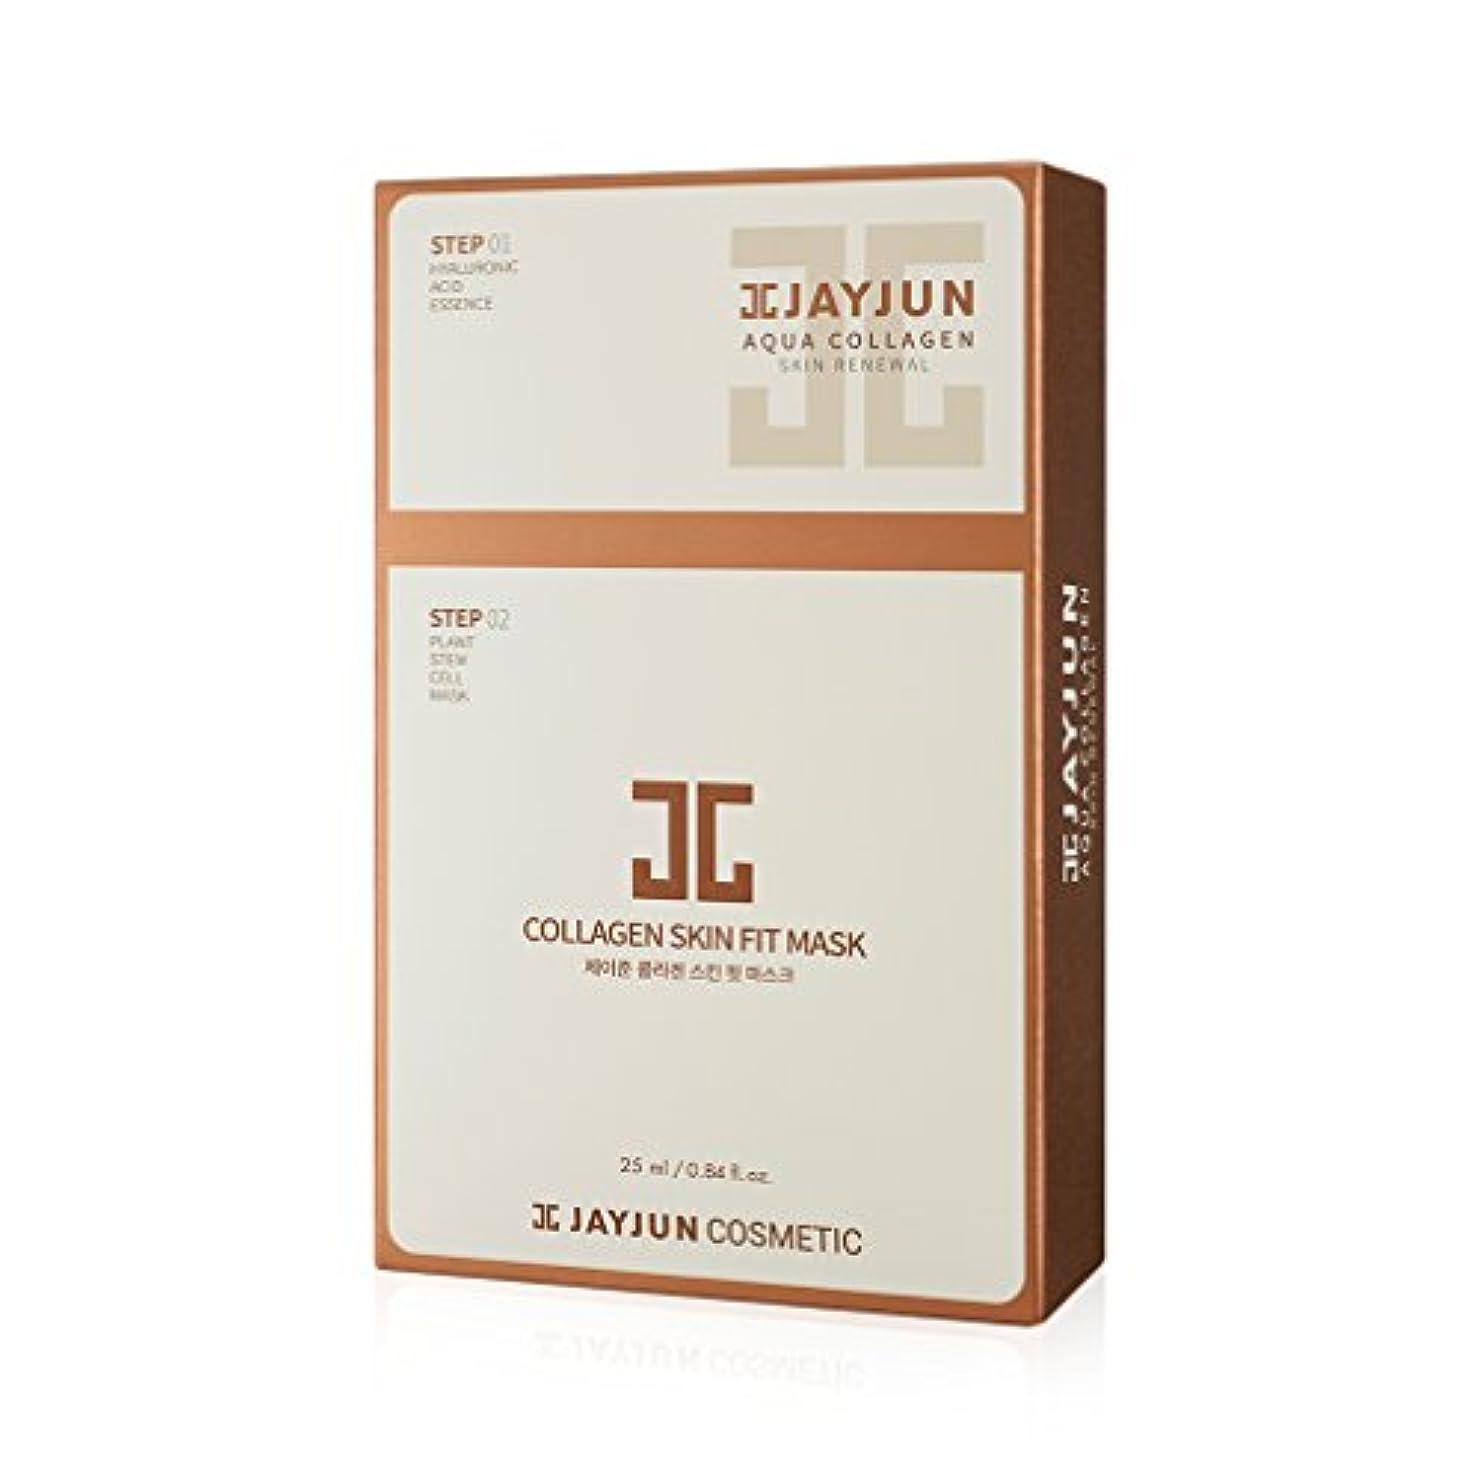 シールダム塗抹ジェイジュン Collagen Skin Fit Mask 10x(1.5ml+25ml)並行輸入品